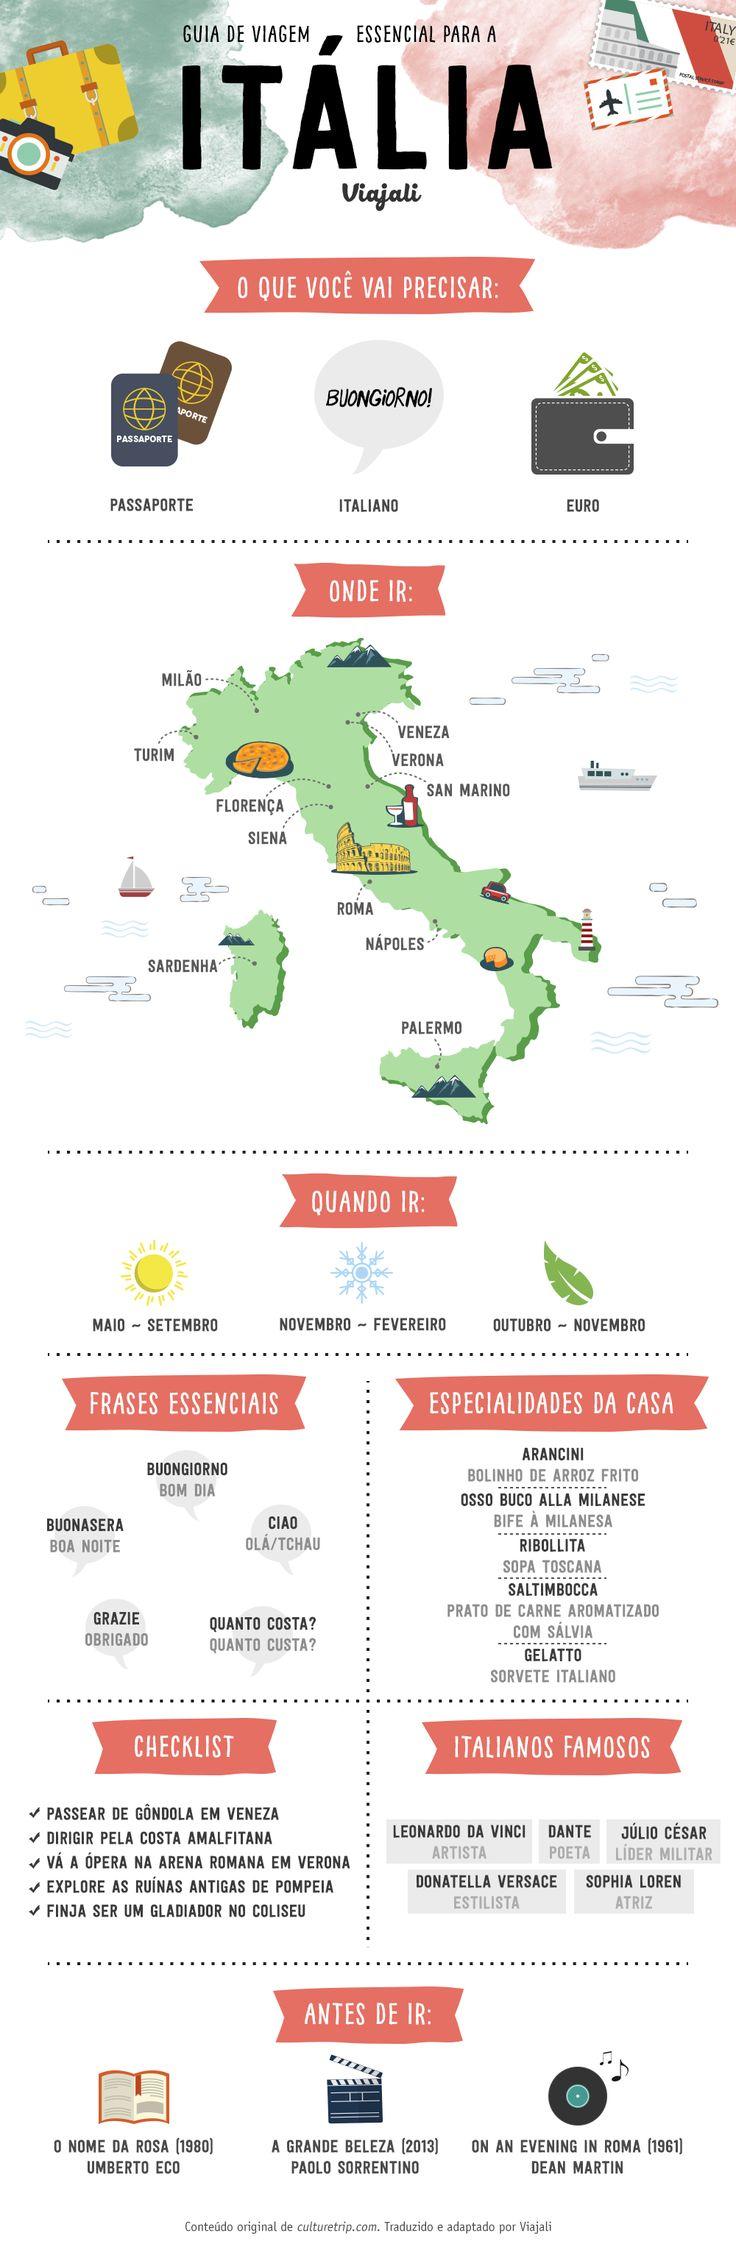 Guia de viagem essencial para a Itália (infográfico)